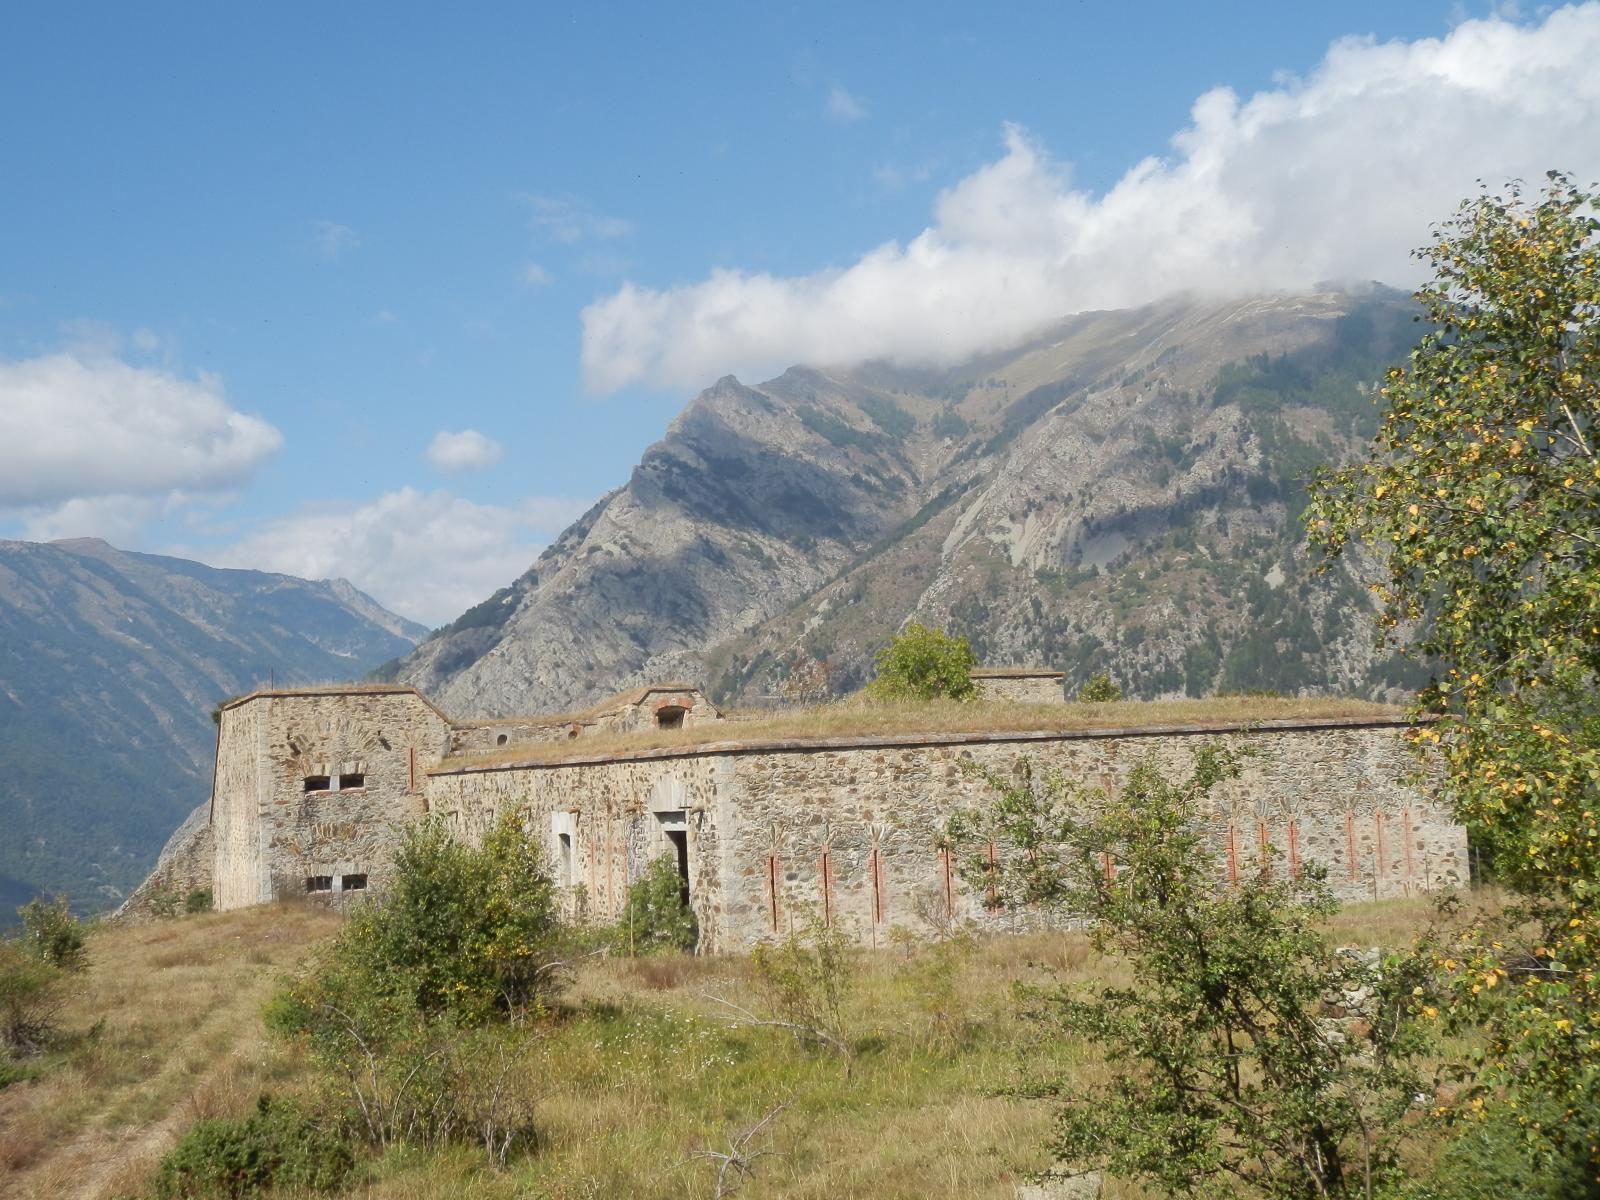 passaggio al Forte Piroat in discesa